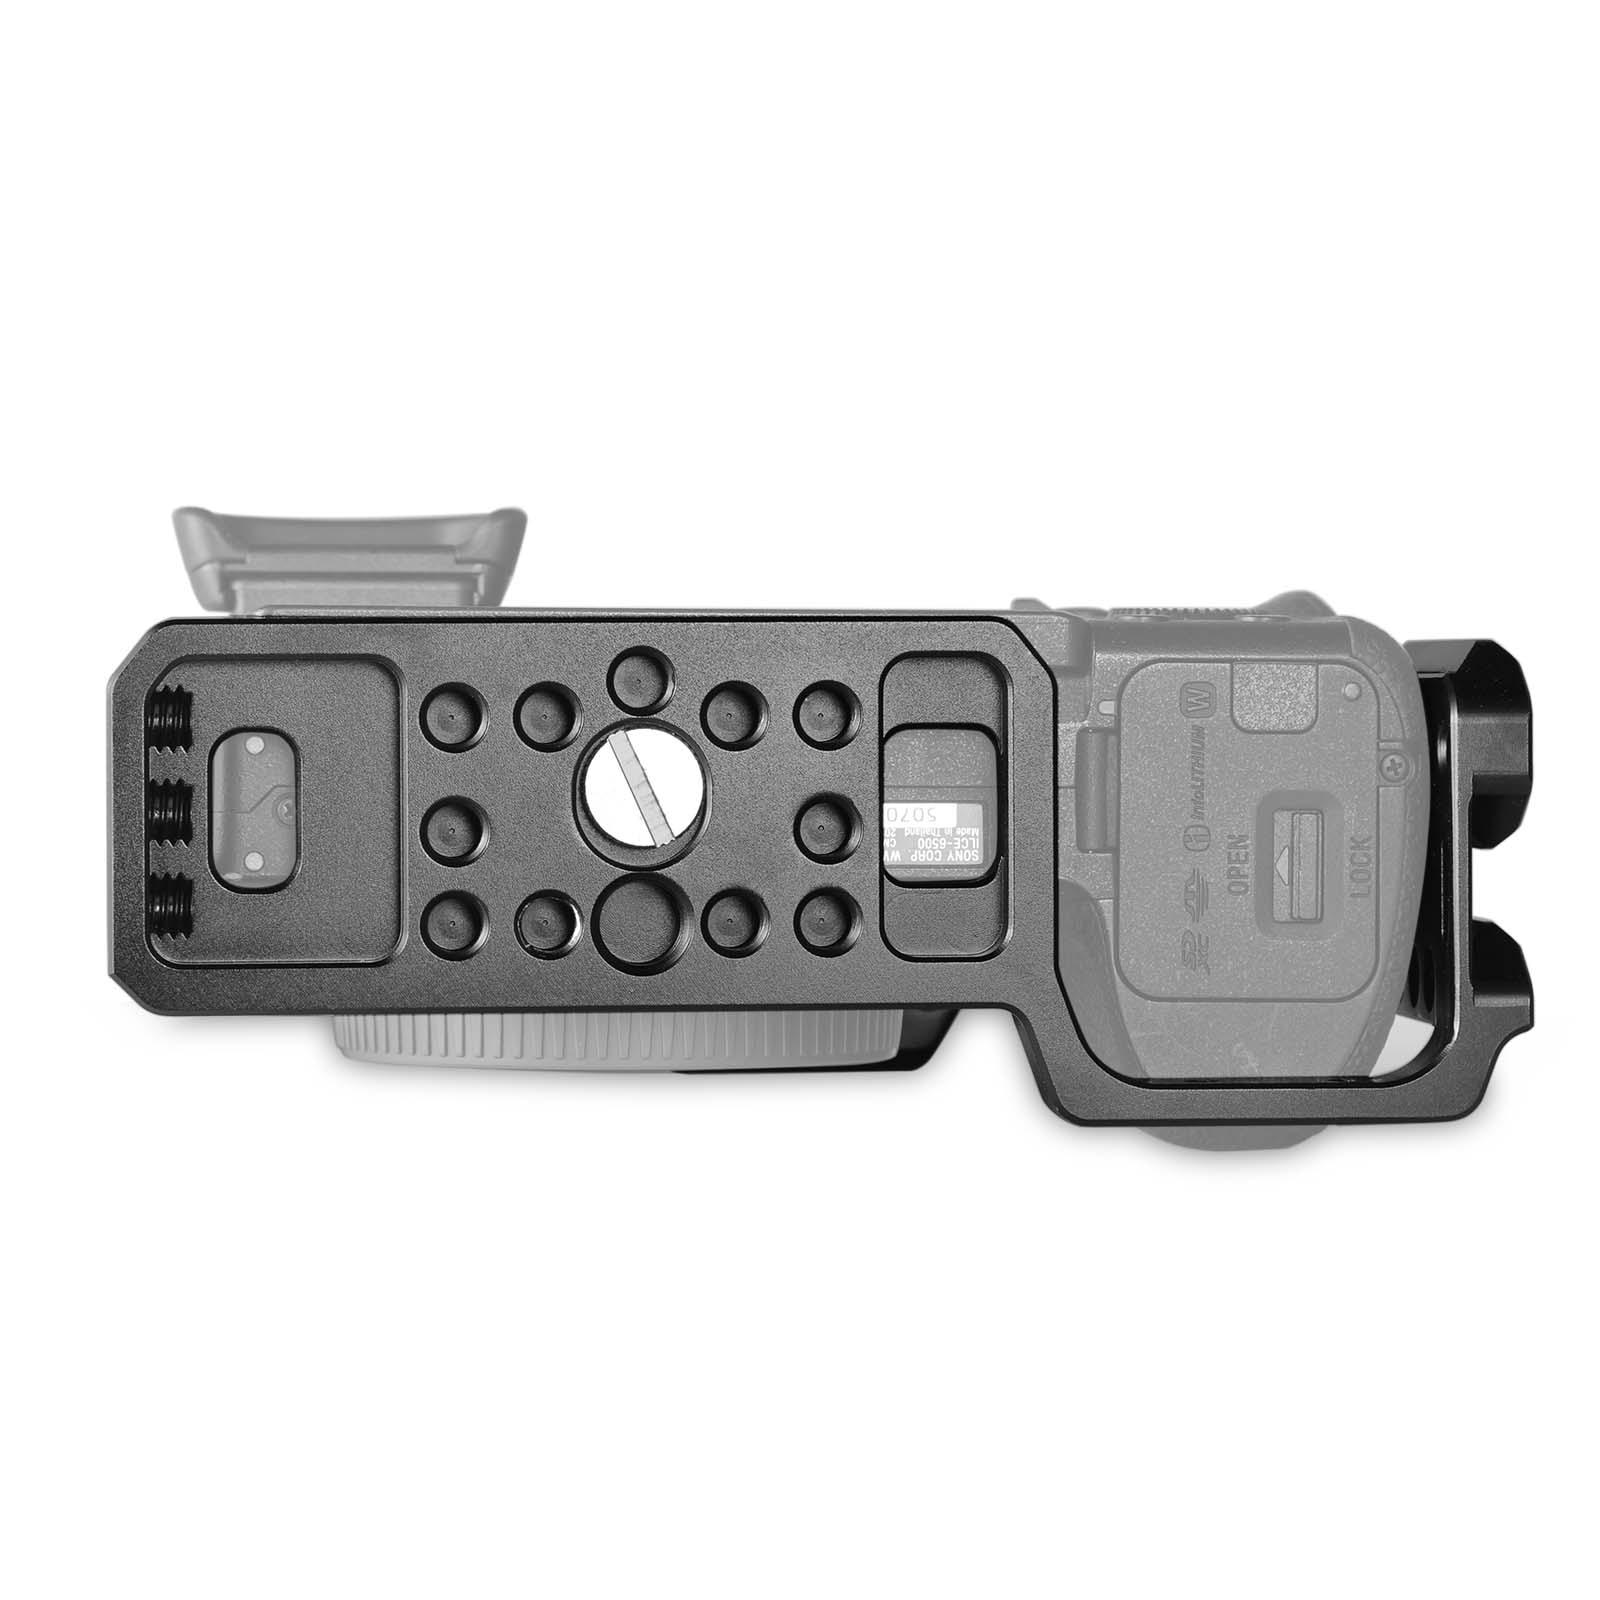 SmallRig Dslr კამერის გაყალბება Sony - კამერა და ფოტო - ფოტო 4